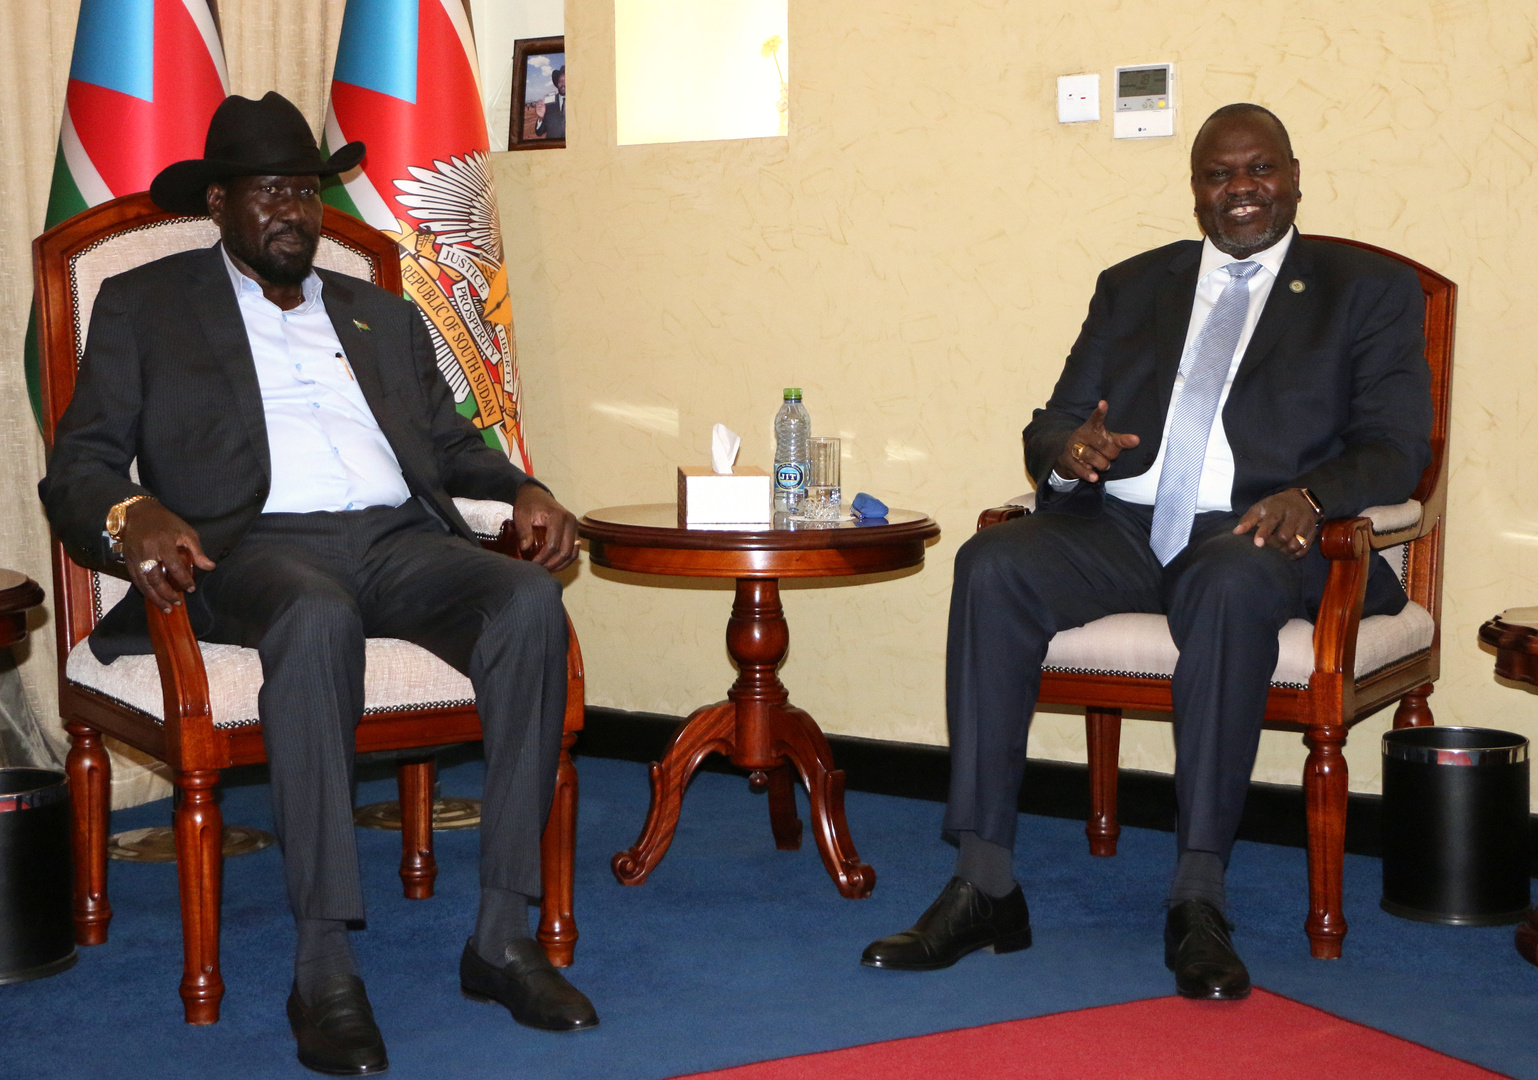 زعيما جنوب السودان سلفا كير وريك مشار